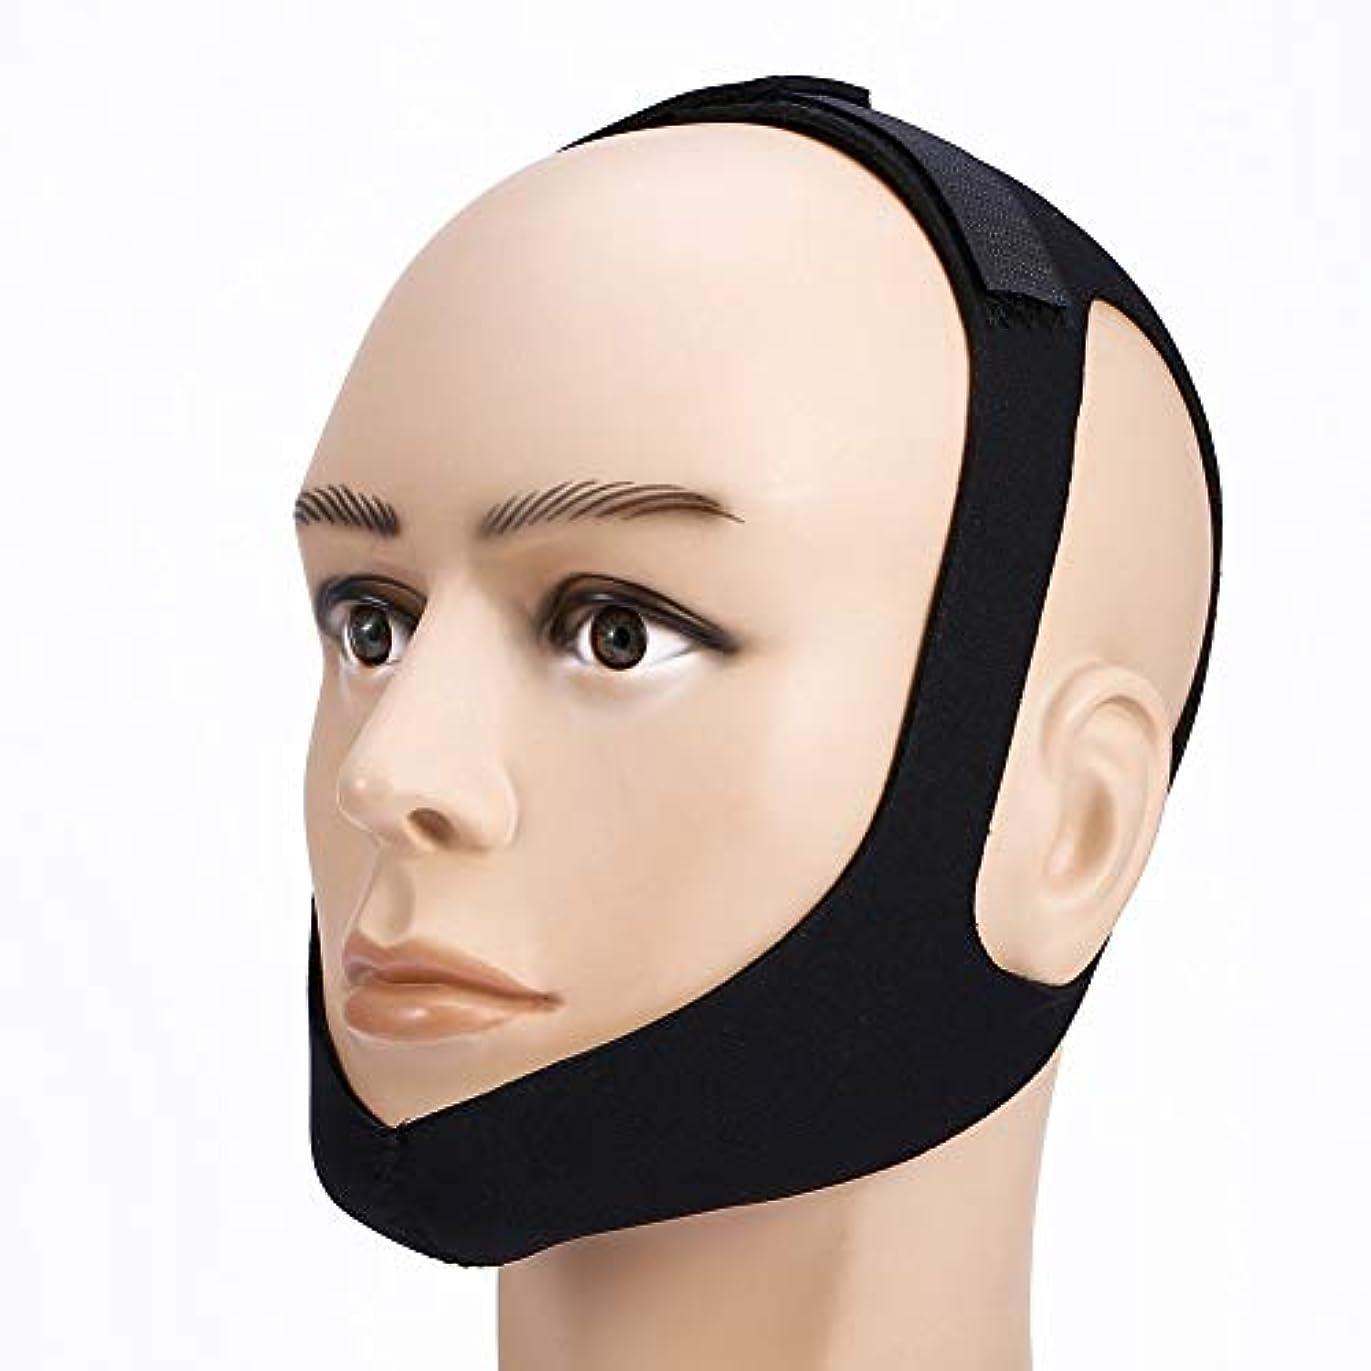 告発運動するミシン目注意睡眠時無呼吸顎あごサポートストラップベルトいびき防止ヘッドバンドいびきベルト止めいびき防止マスク女性用男性寝具